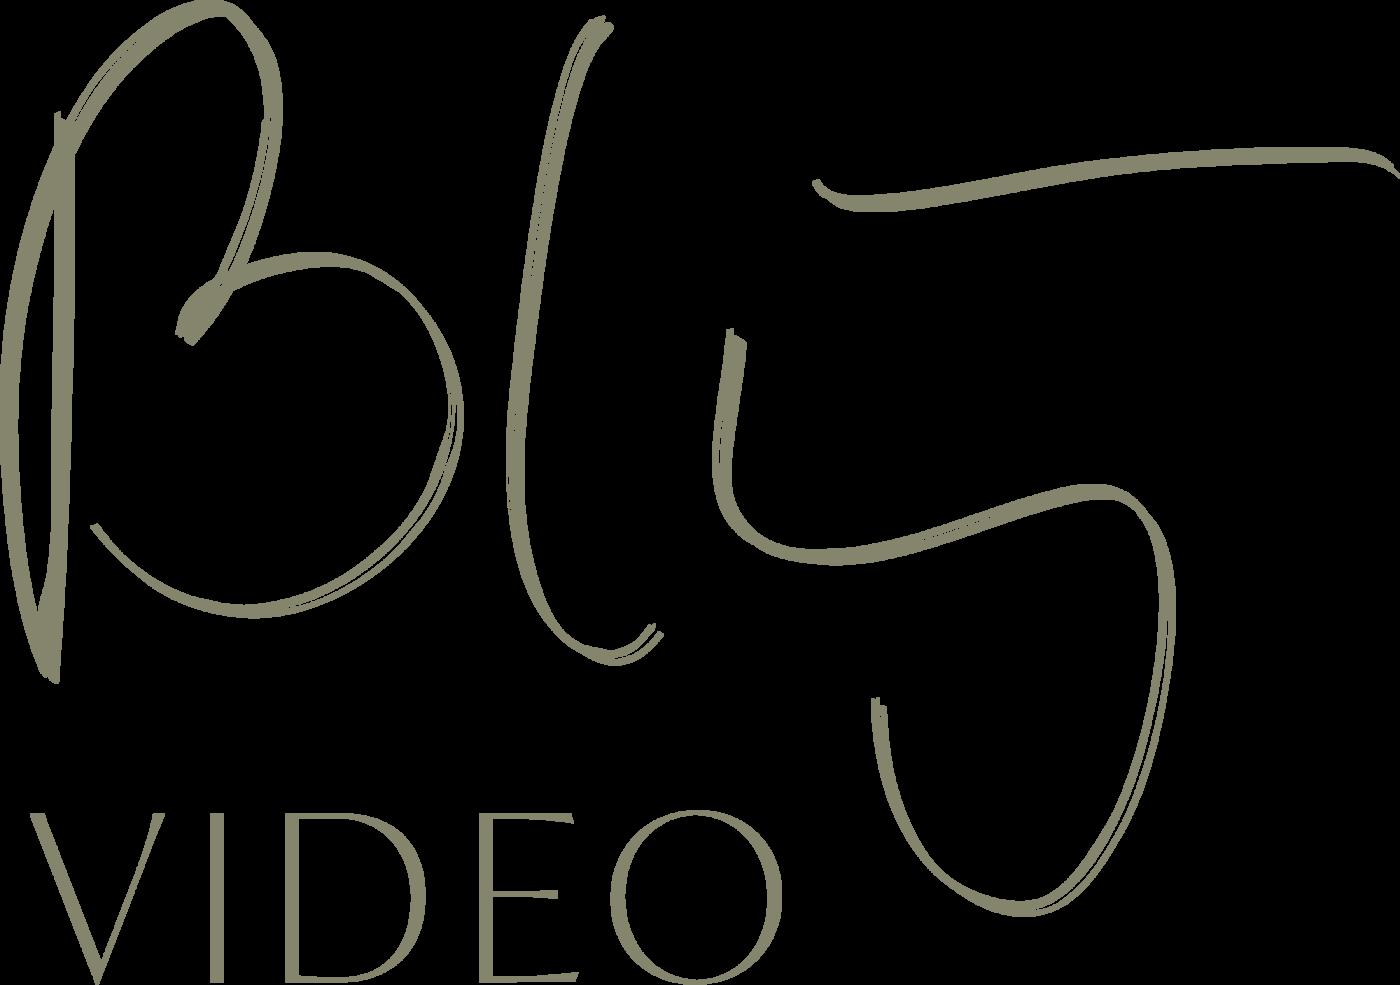 Blij Video | Irene Verwater